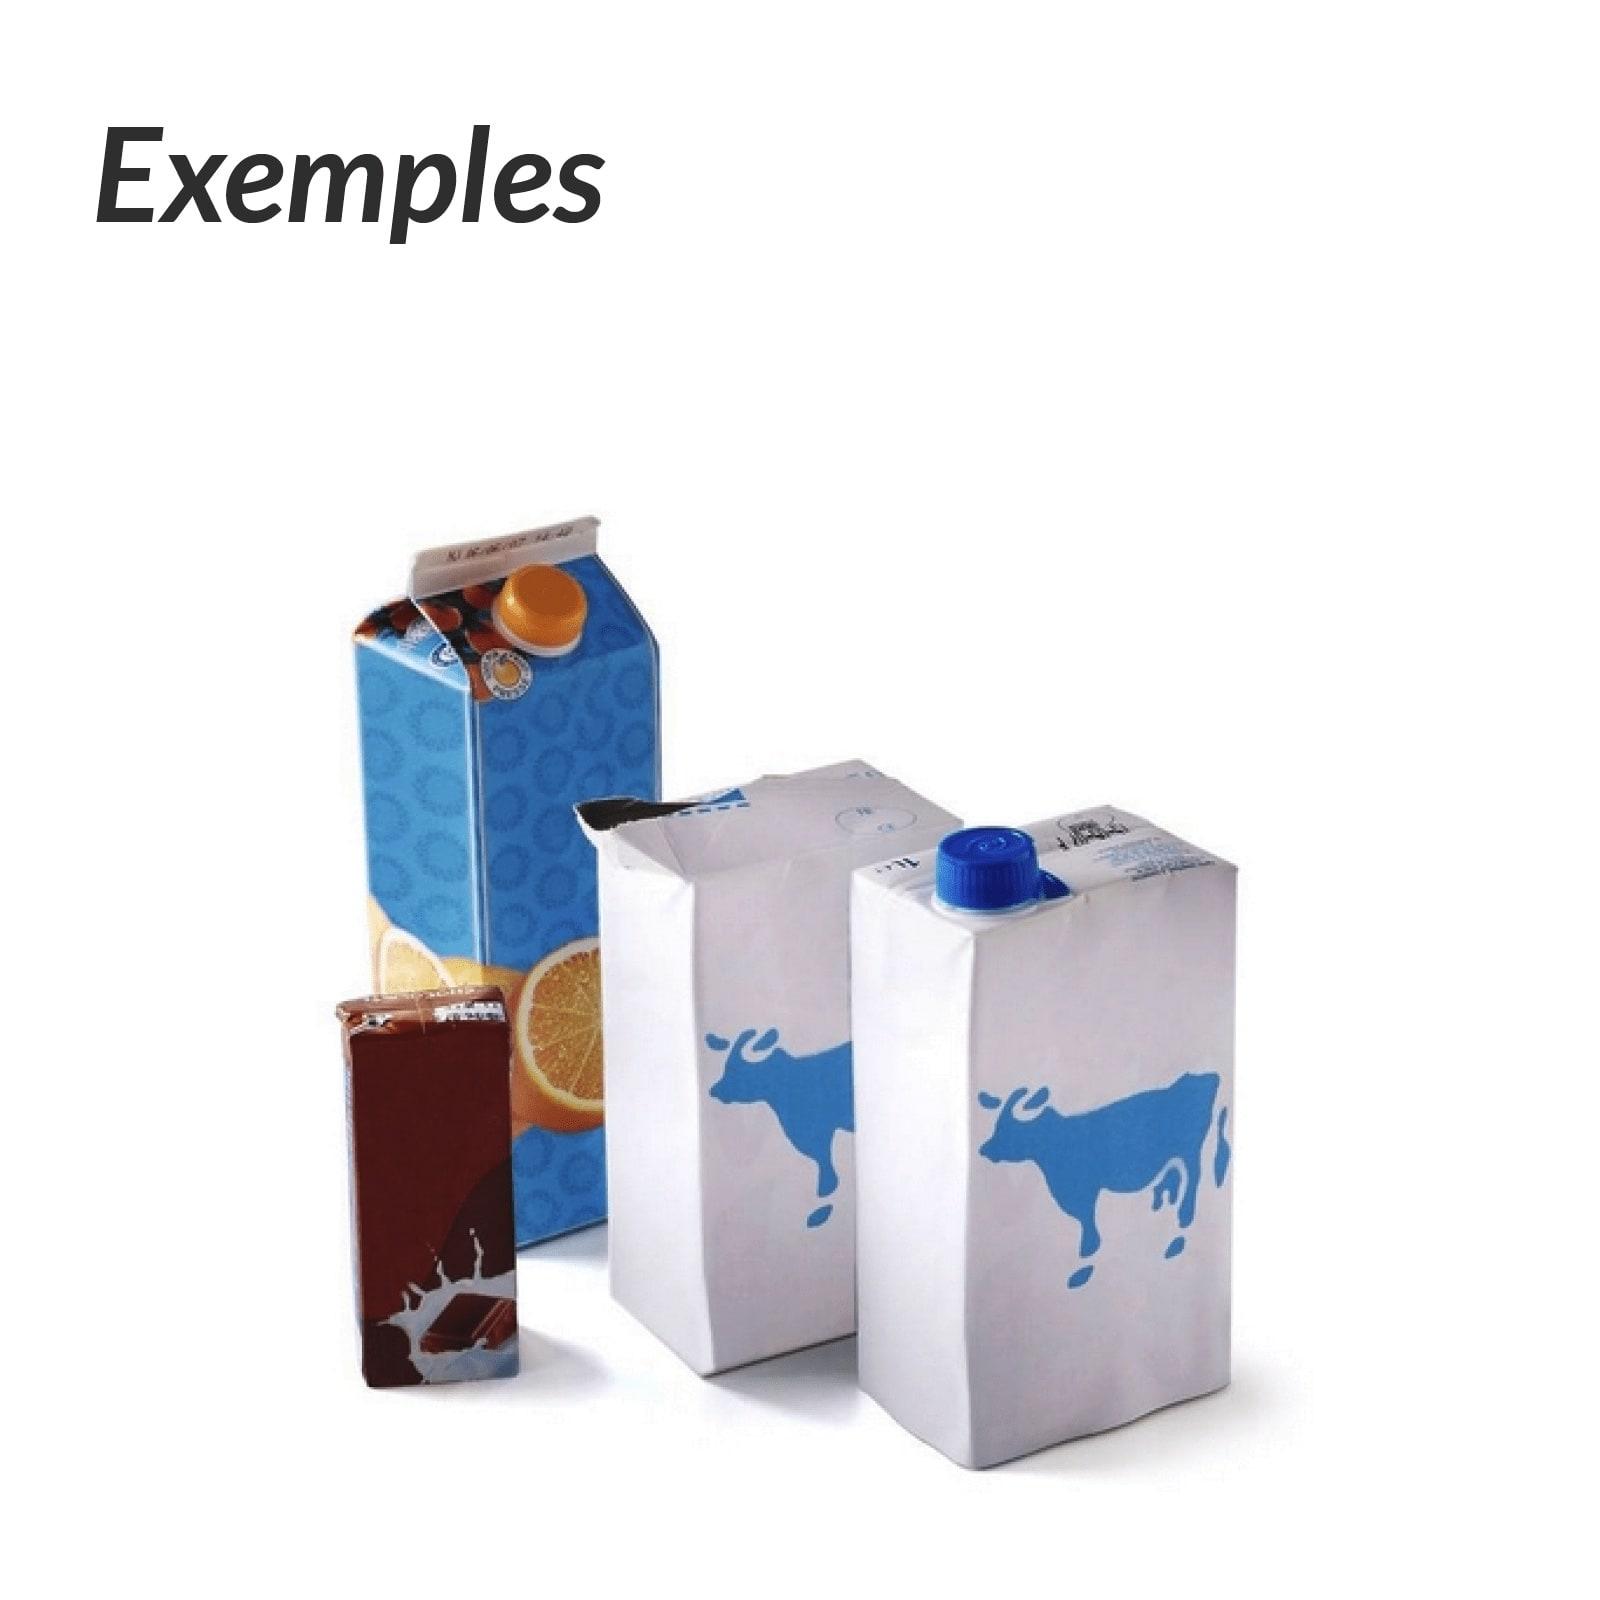 Briques alimentaires Le tri des emballages recyclables SMICOTOM 33